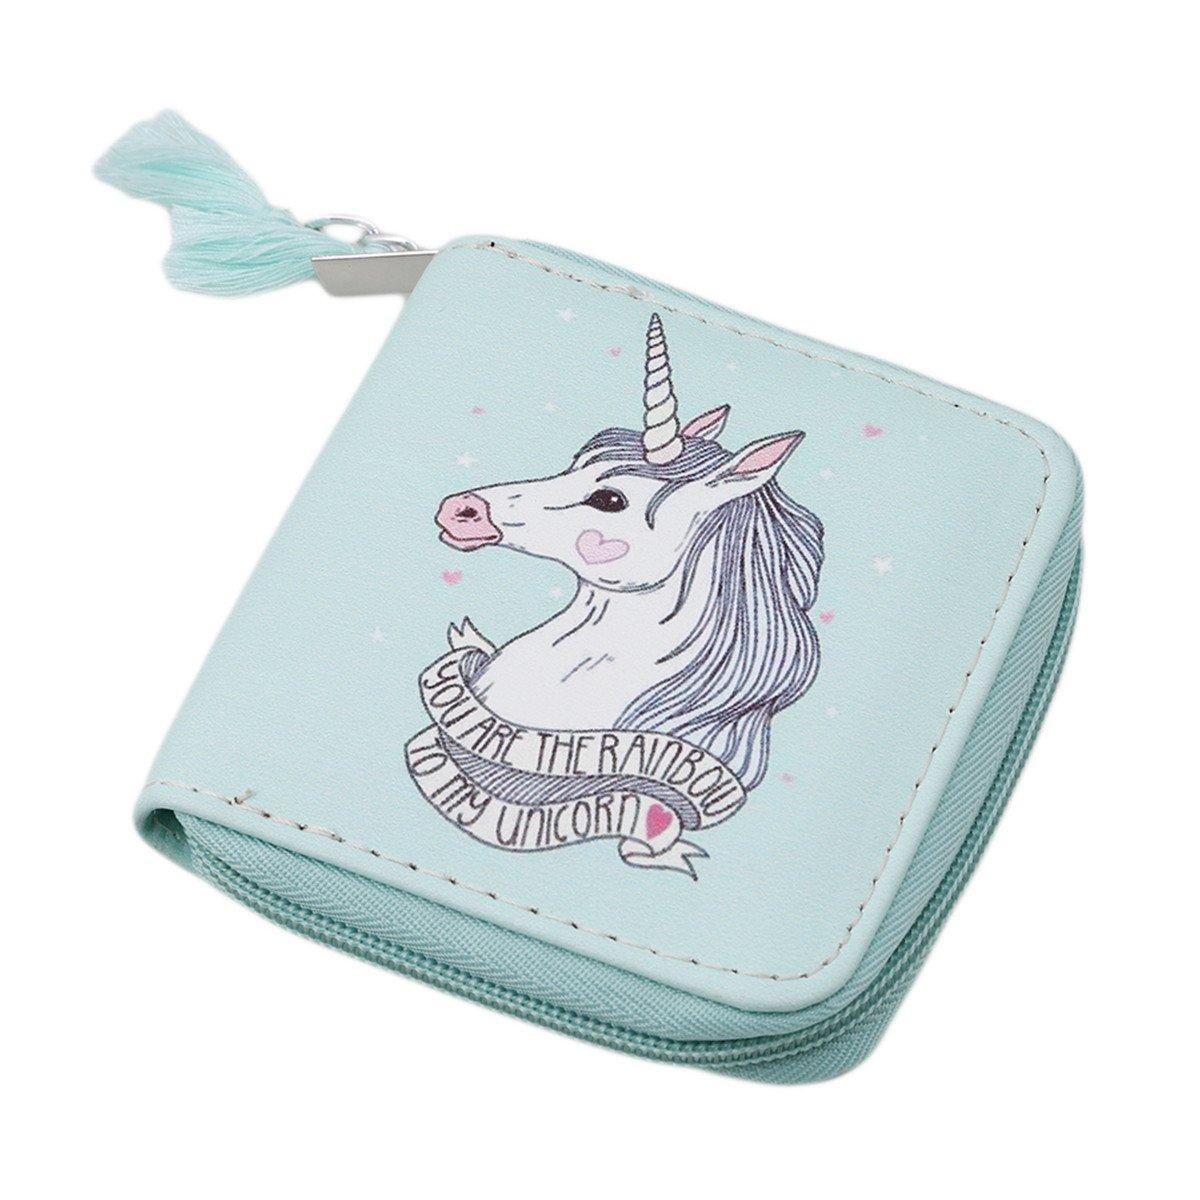 Ch sintética Unicorn moneda Monedero cremallera billetera ...